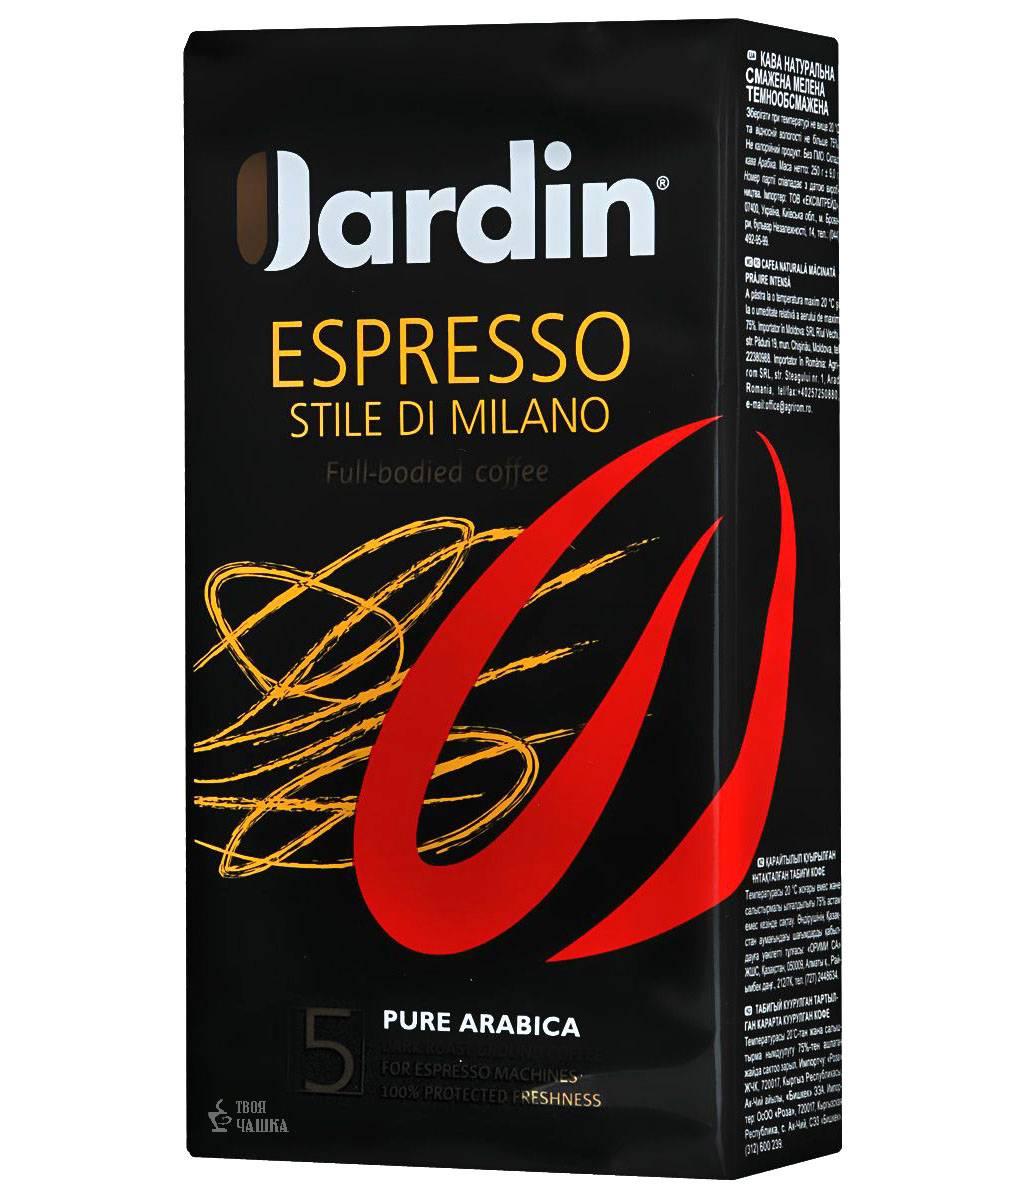 Волшебный и неповторимый кофе «жардин» :: syl.ru